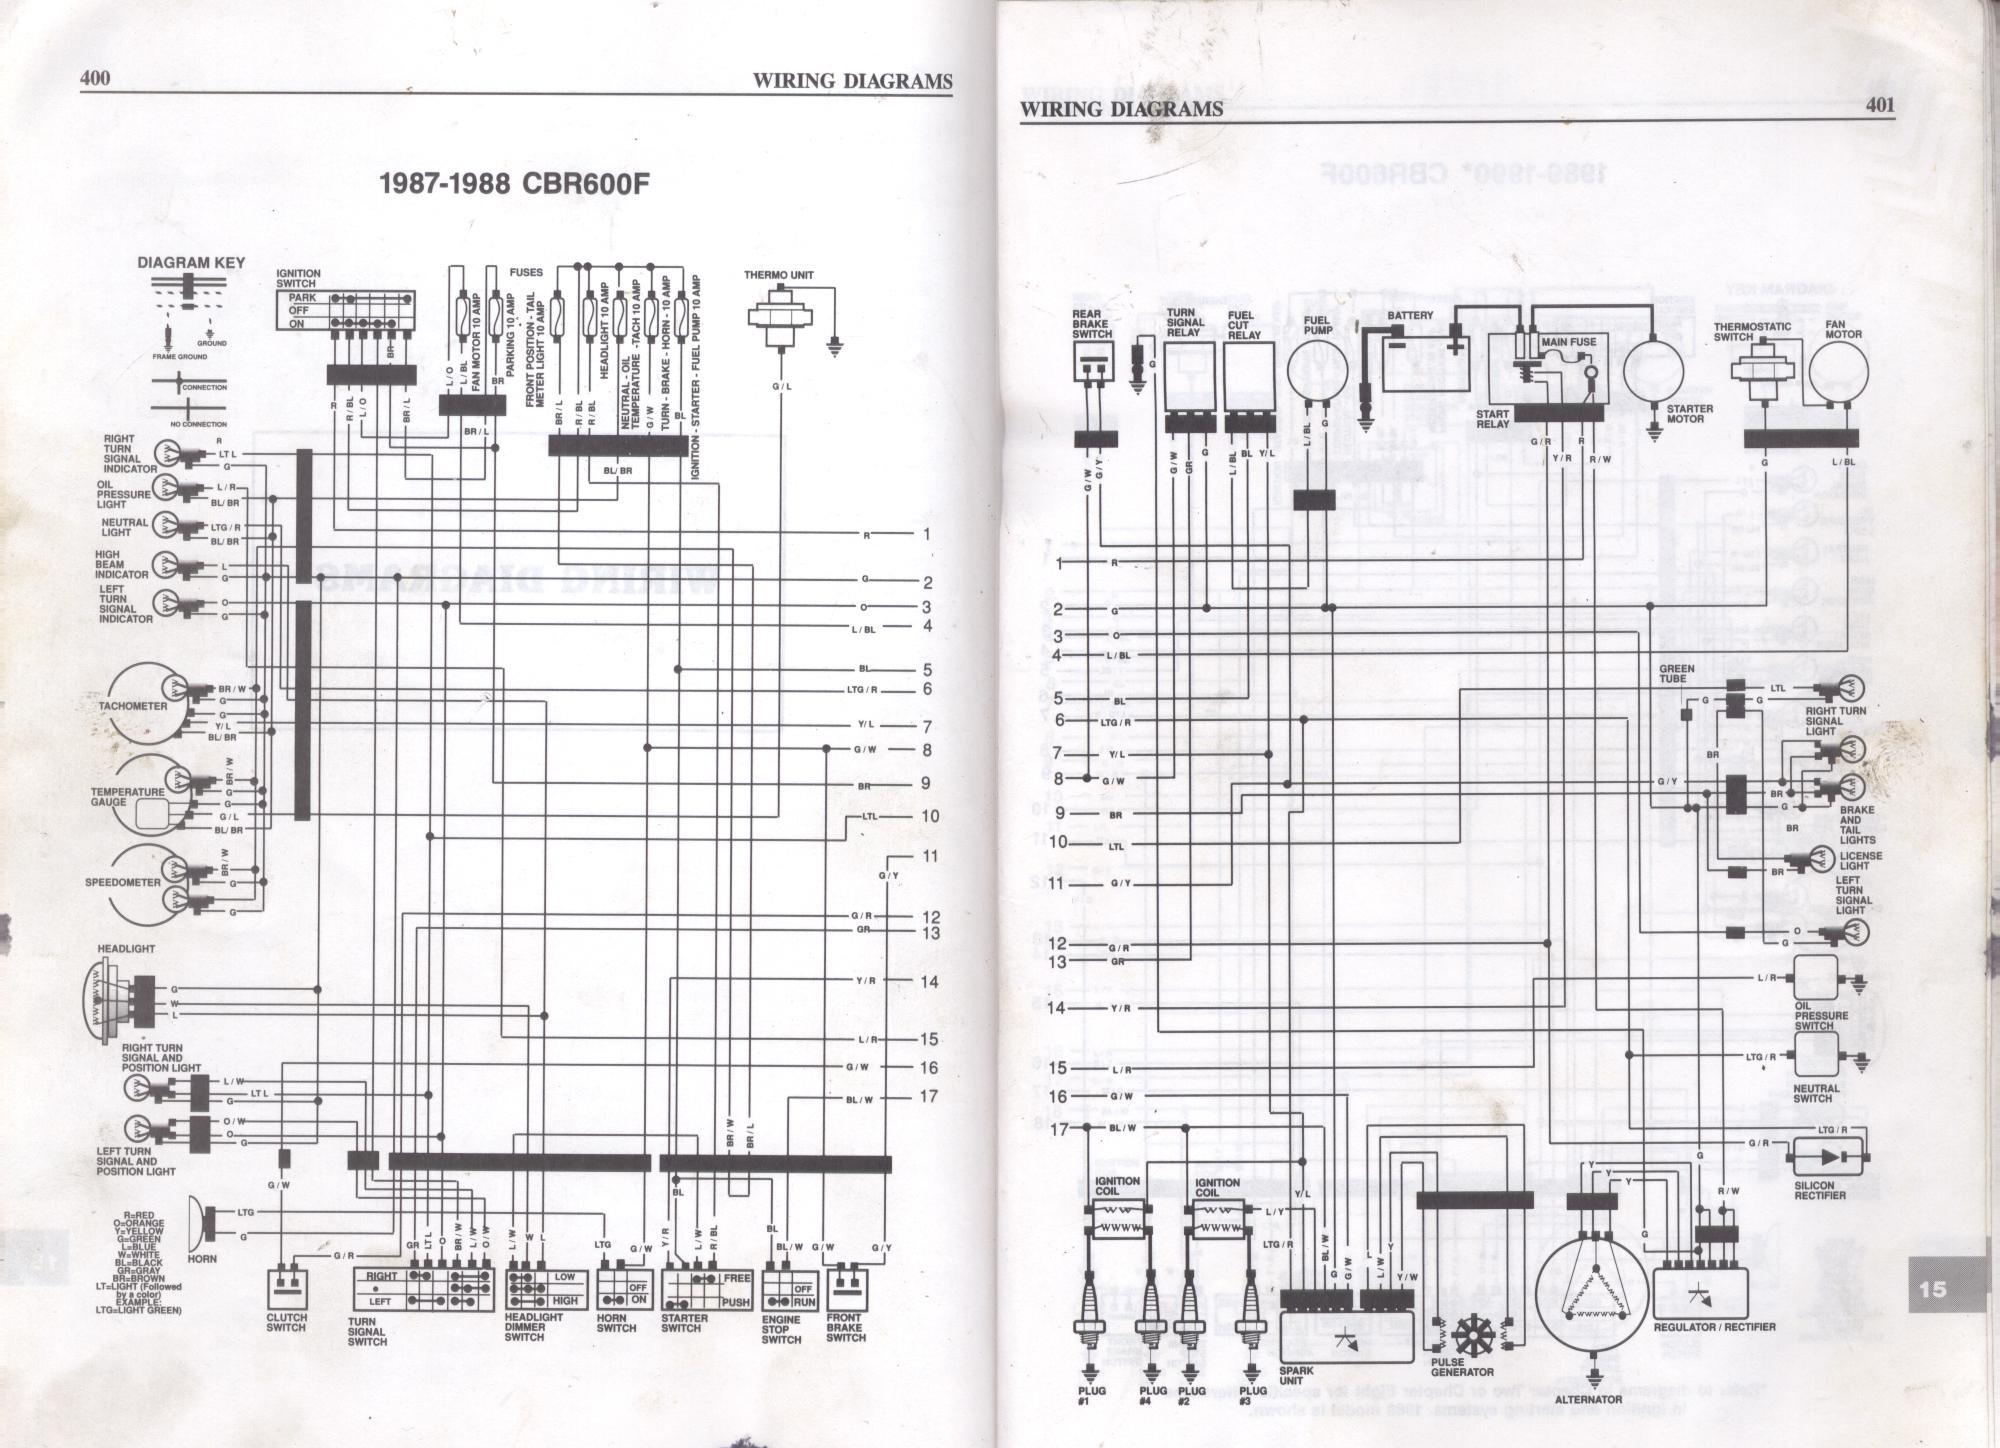 81 Cb650 Repair Manual Honda 1985 Interceptor Wiring Diagram 555 Booksellers 79 85 Carburetor Kits Online Would Like Free